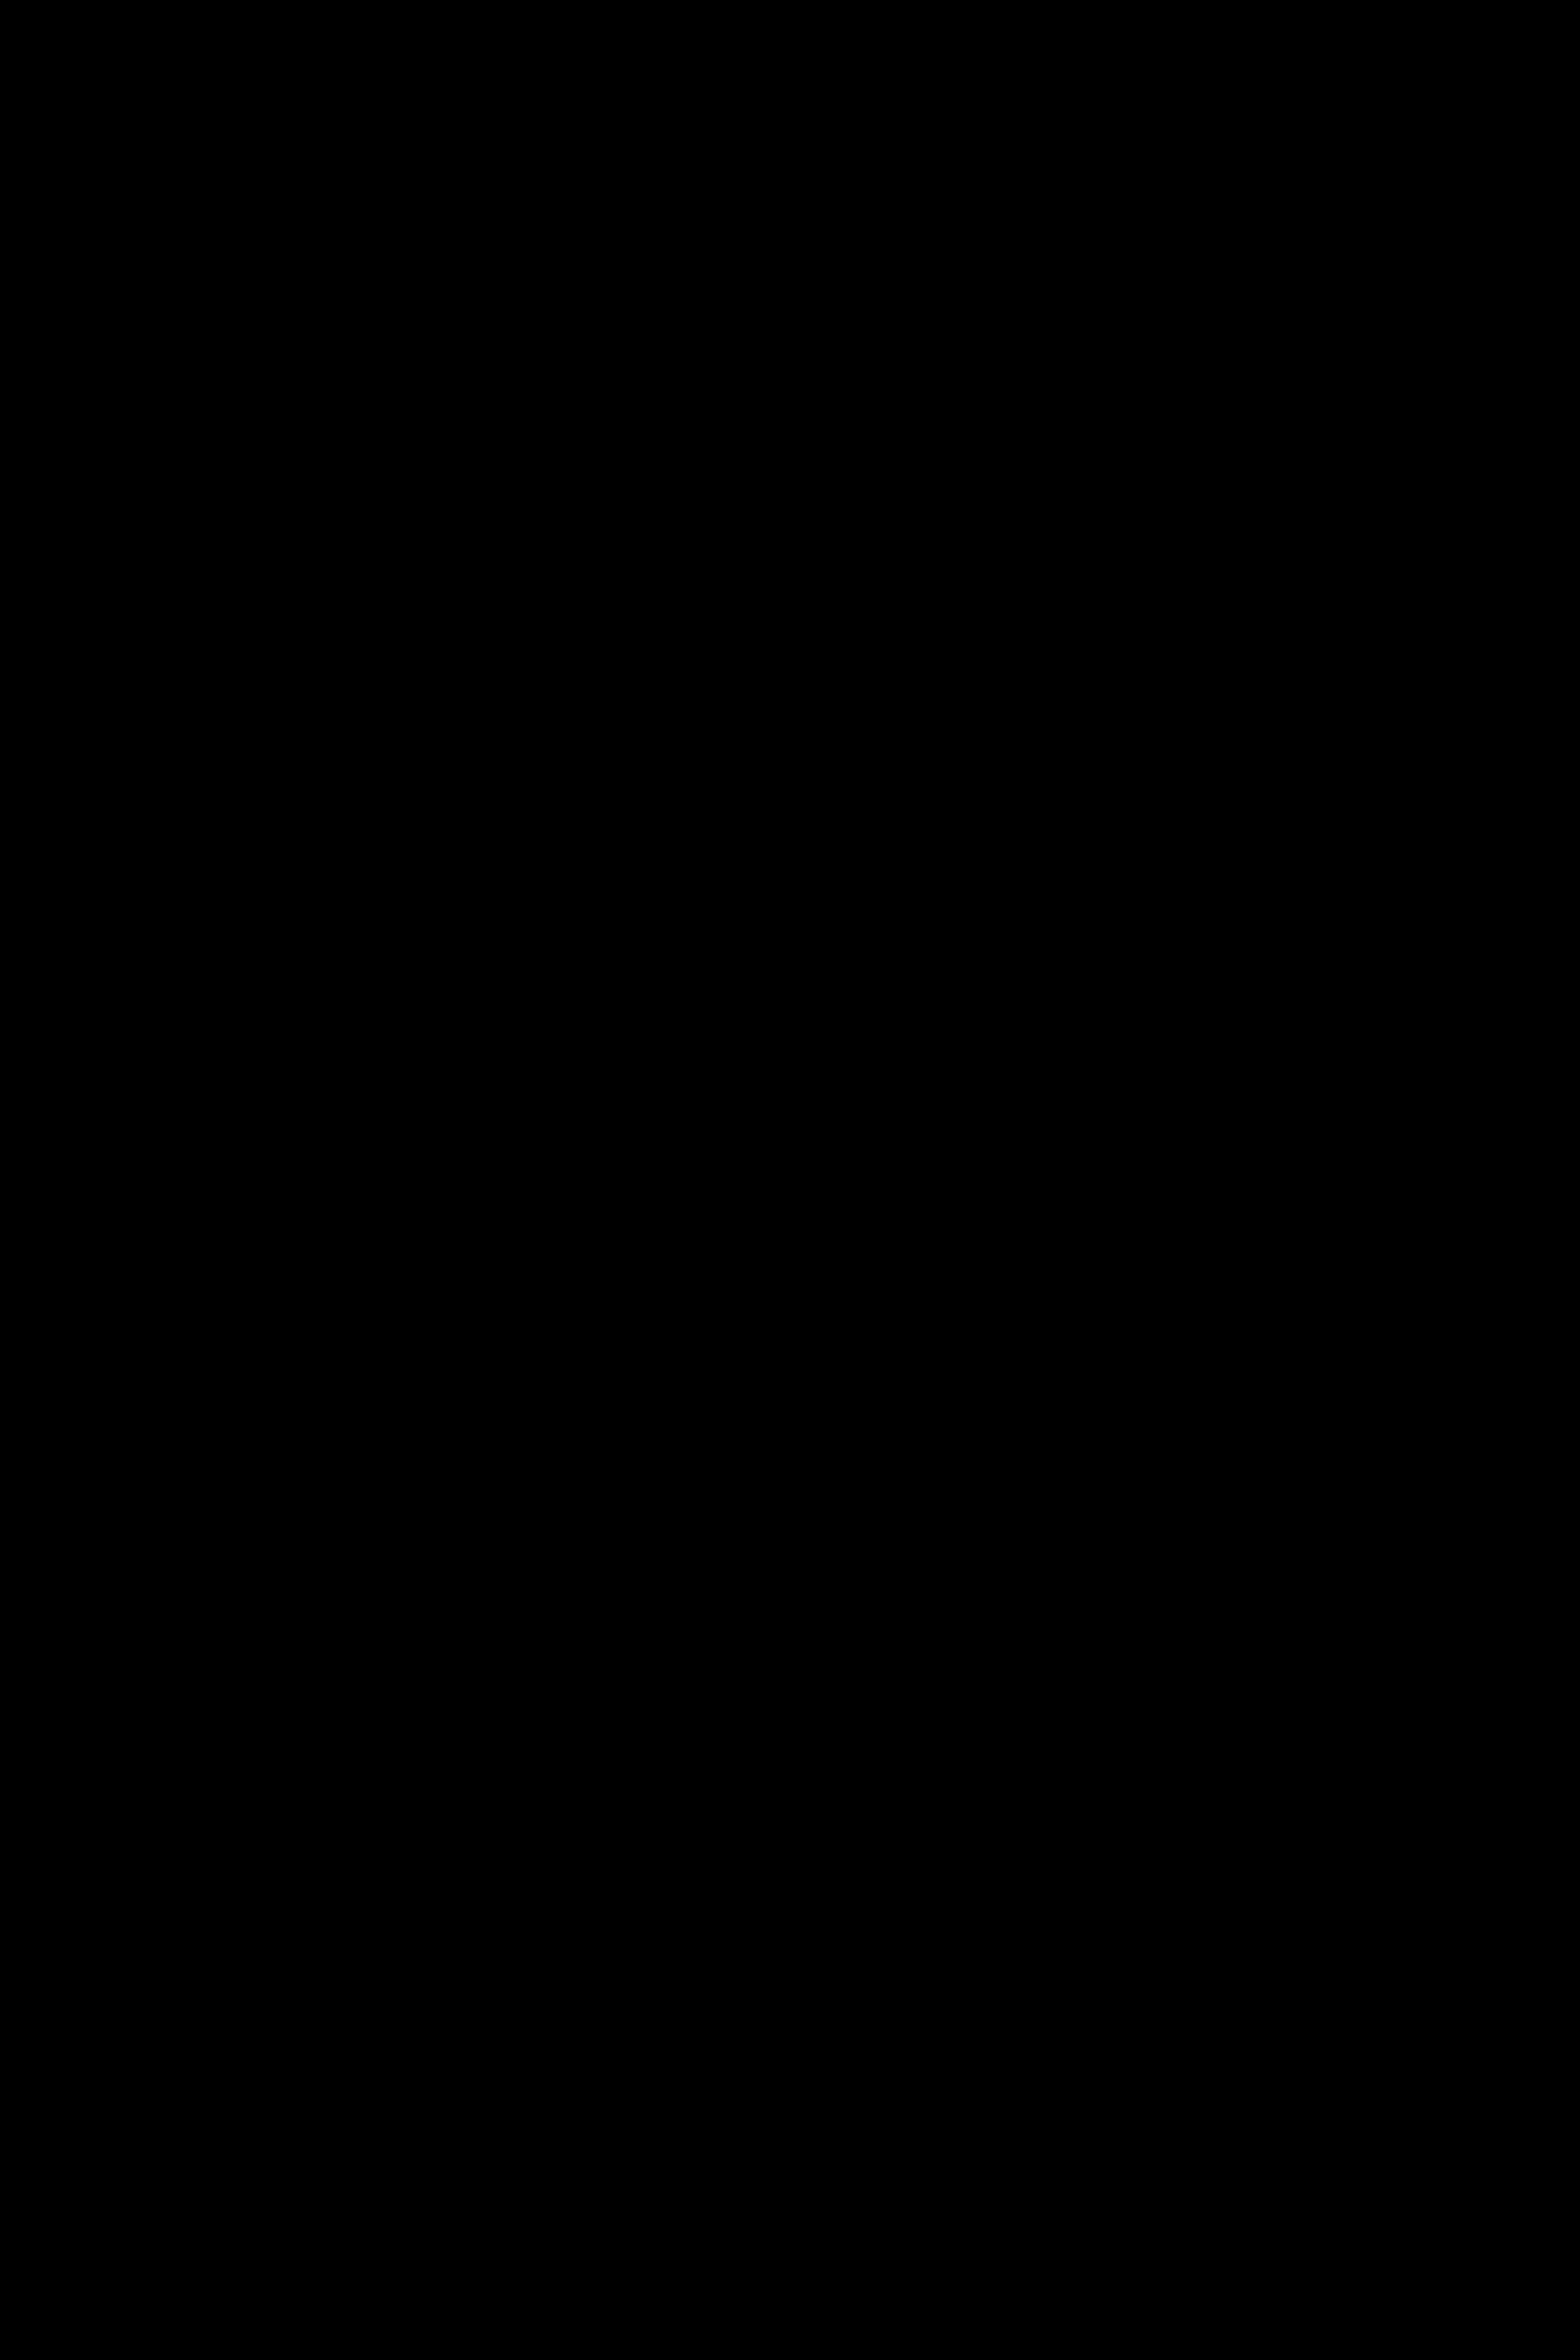 ADAM E2: The Mirror